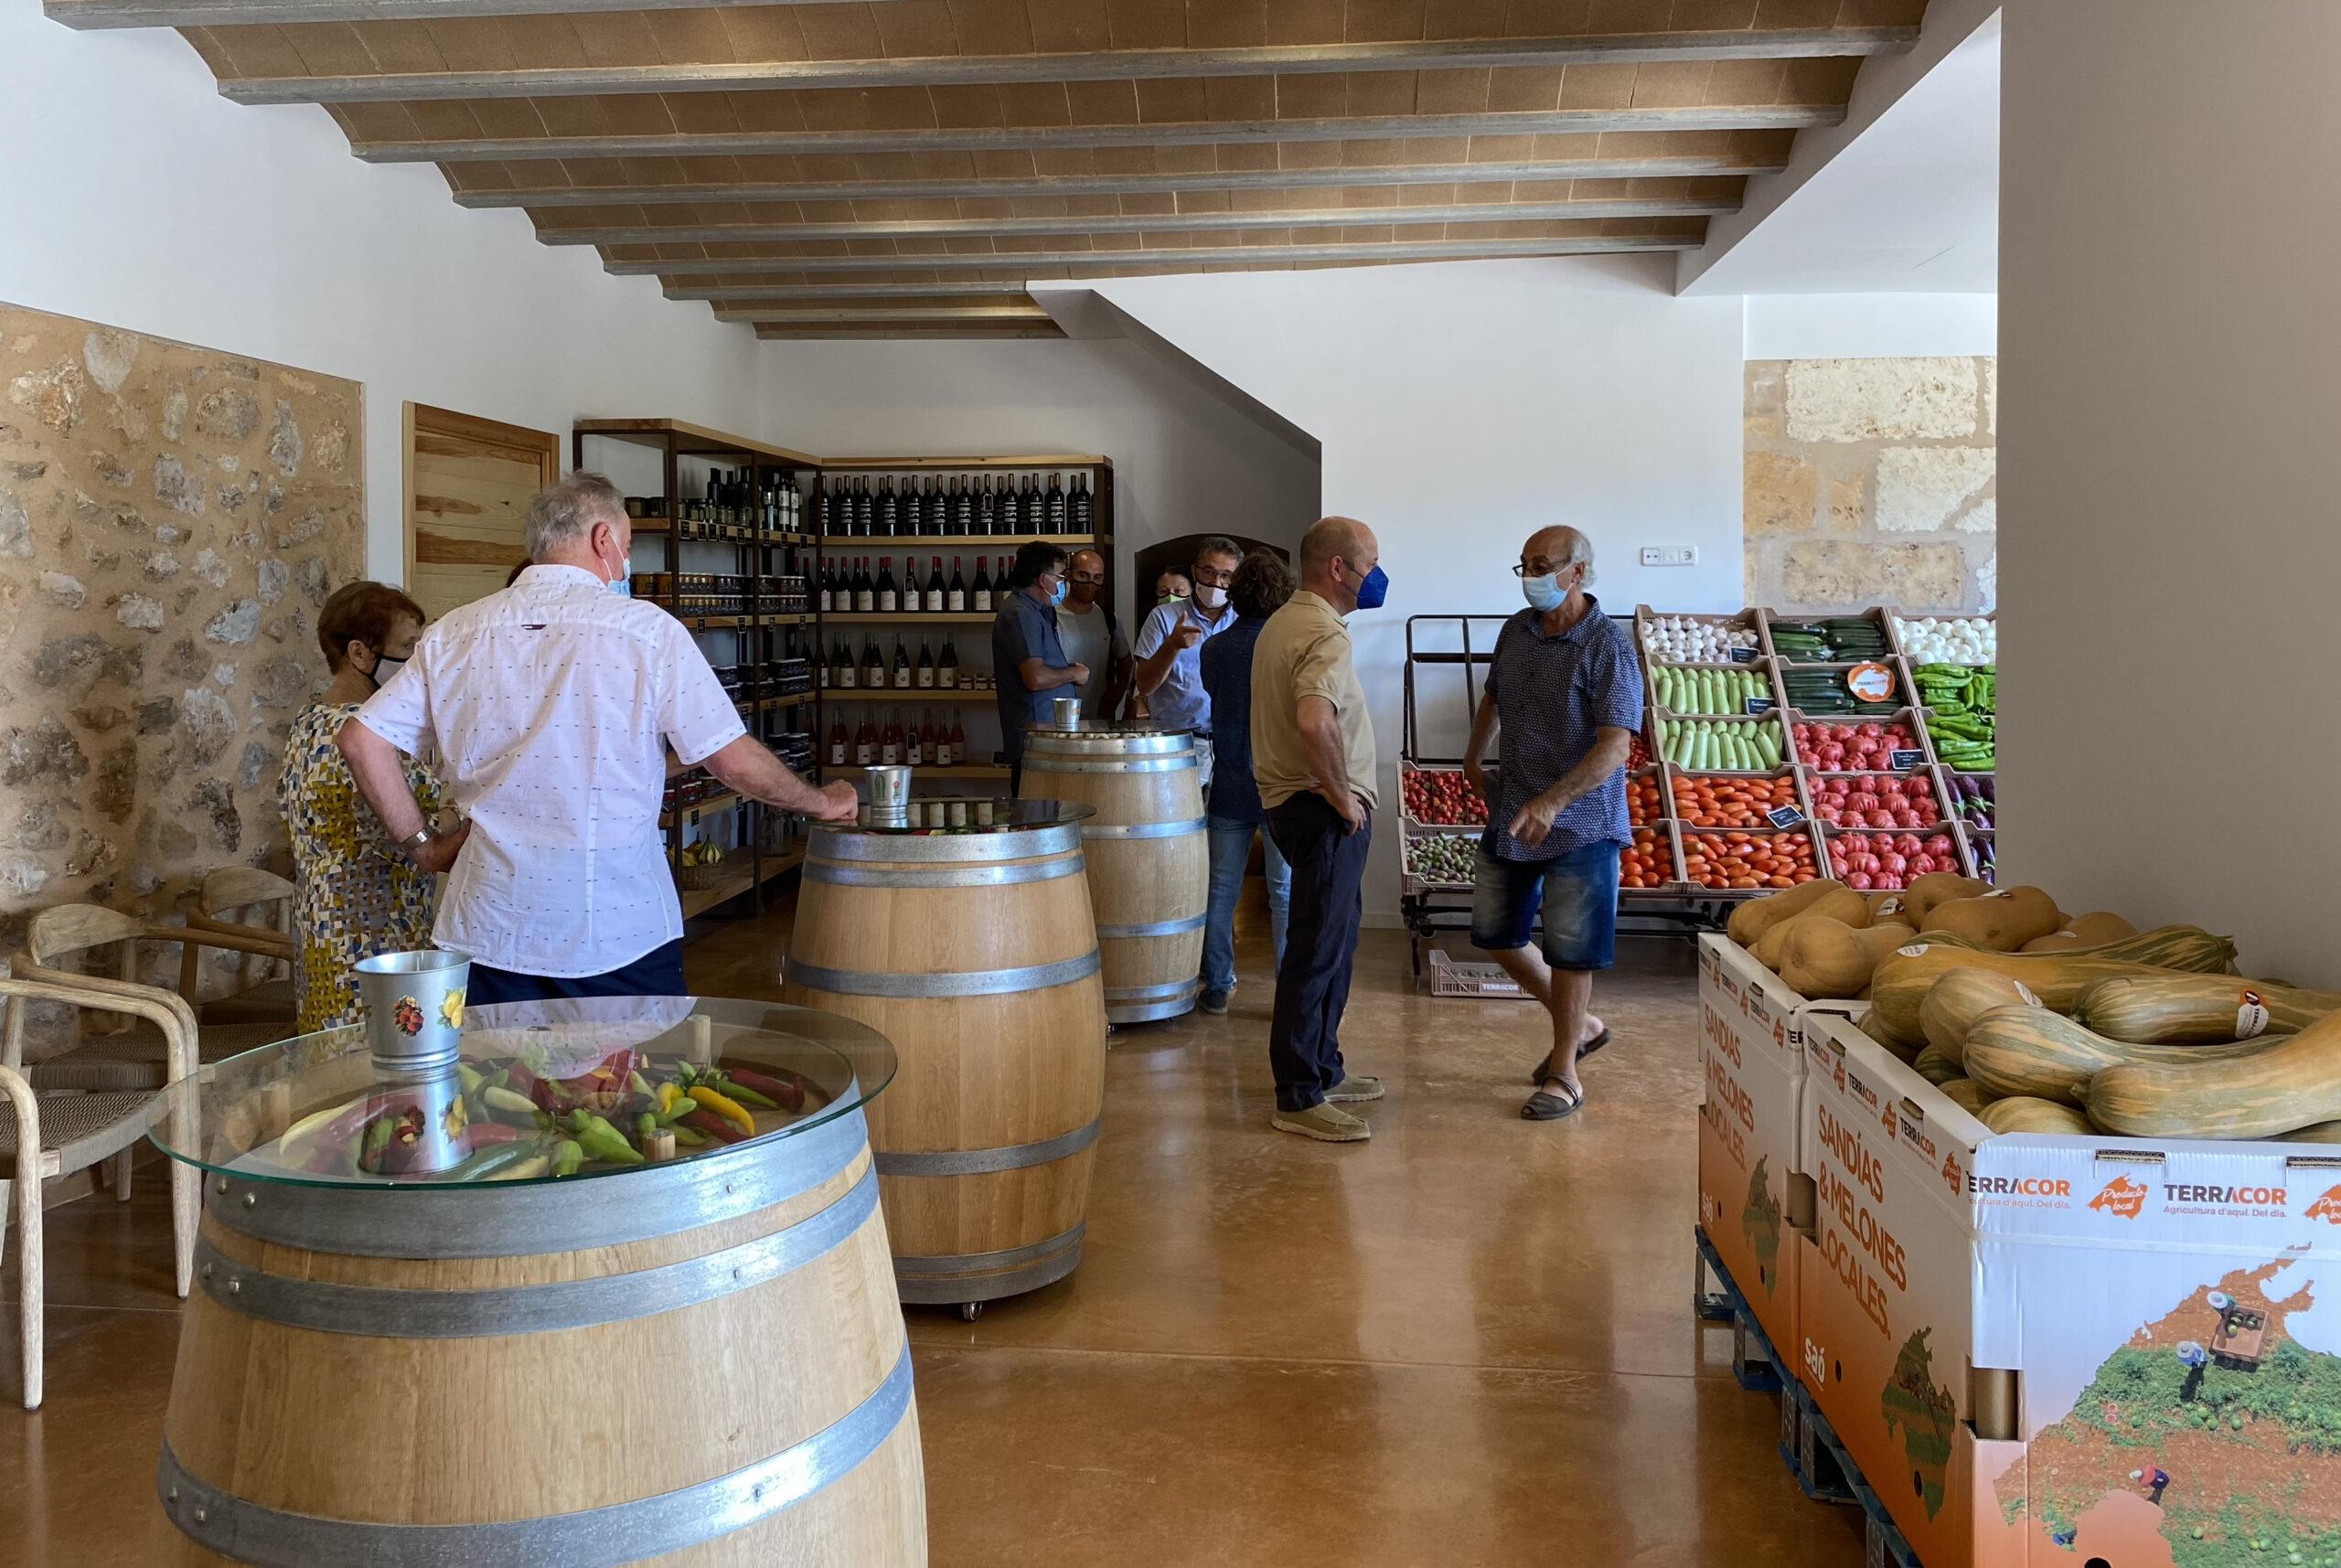 El vi de Macià Batle i de Dalt Turó s'apunta a l'experiència de S'Hort de Sa Vall